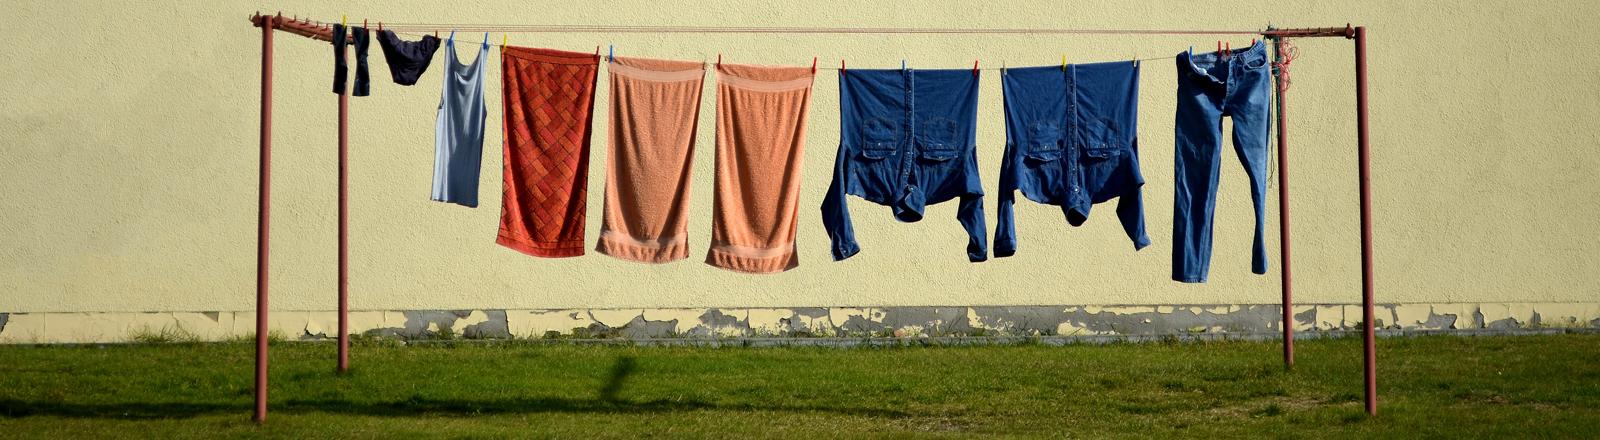 Wäsche auf einer Leine.